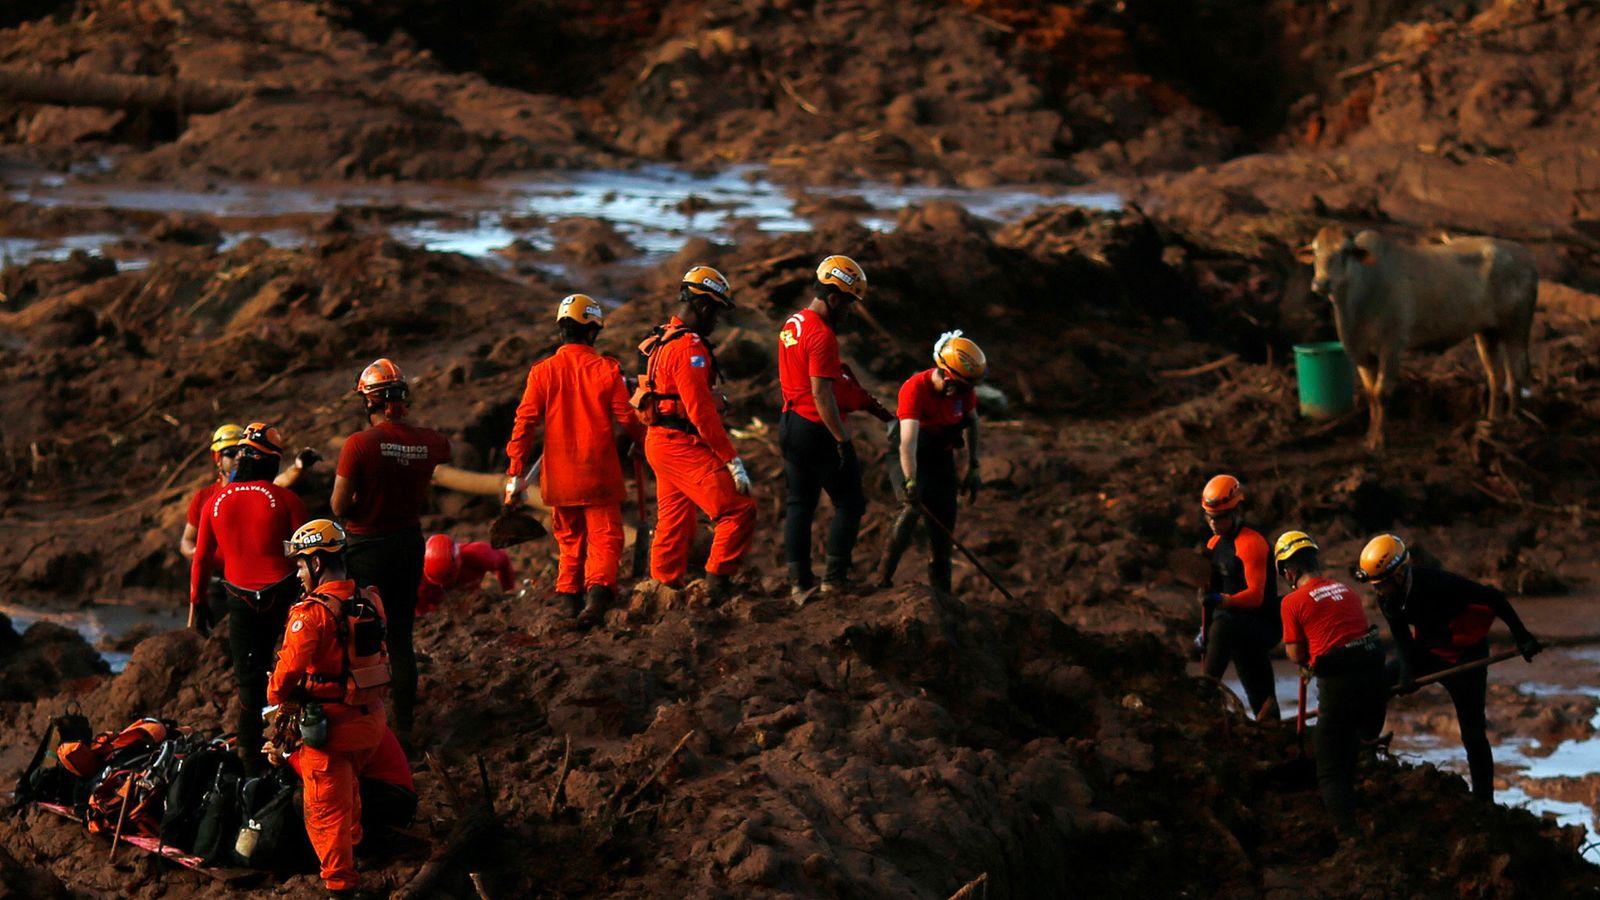 Les membres d'une équipe de secours recherchent des victimes le 28 janvier 2019, après l'effondrement à ...